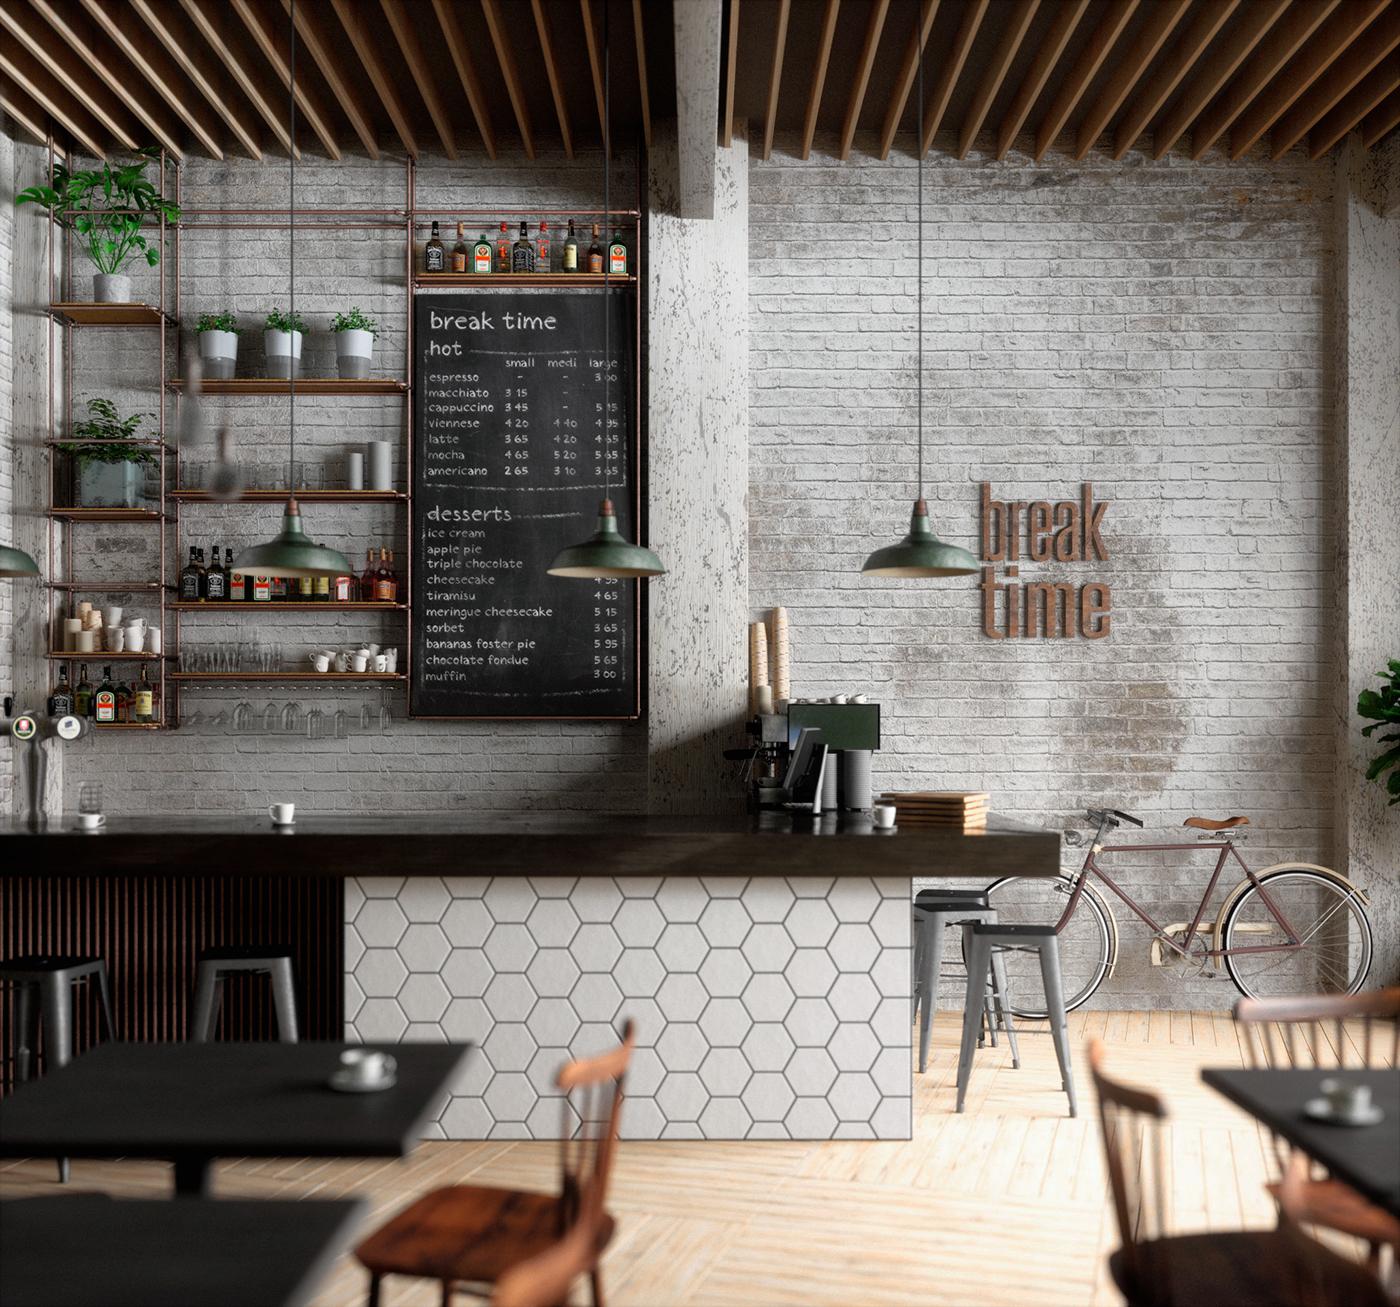 Design Decor Shopping Appstore For: Break Time Café On Behance